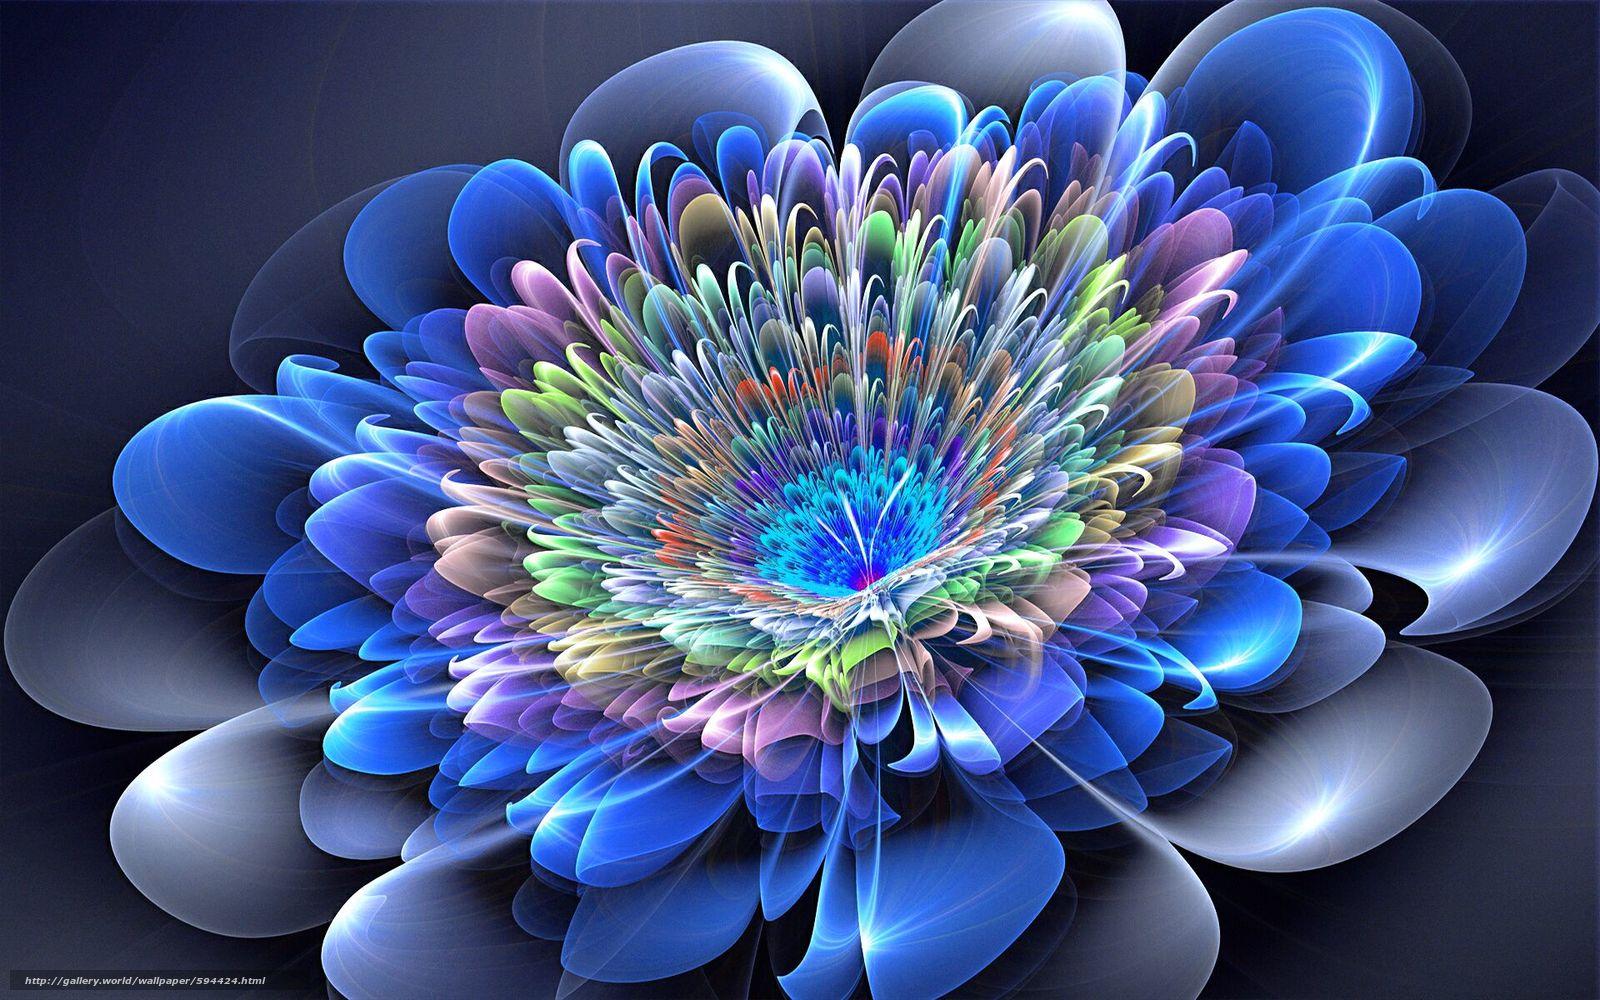 Pobra Tapety Cyber Kwiat Abstrakcja 3d Sztuka Darmowe Tapety Na